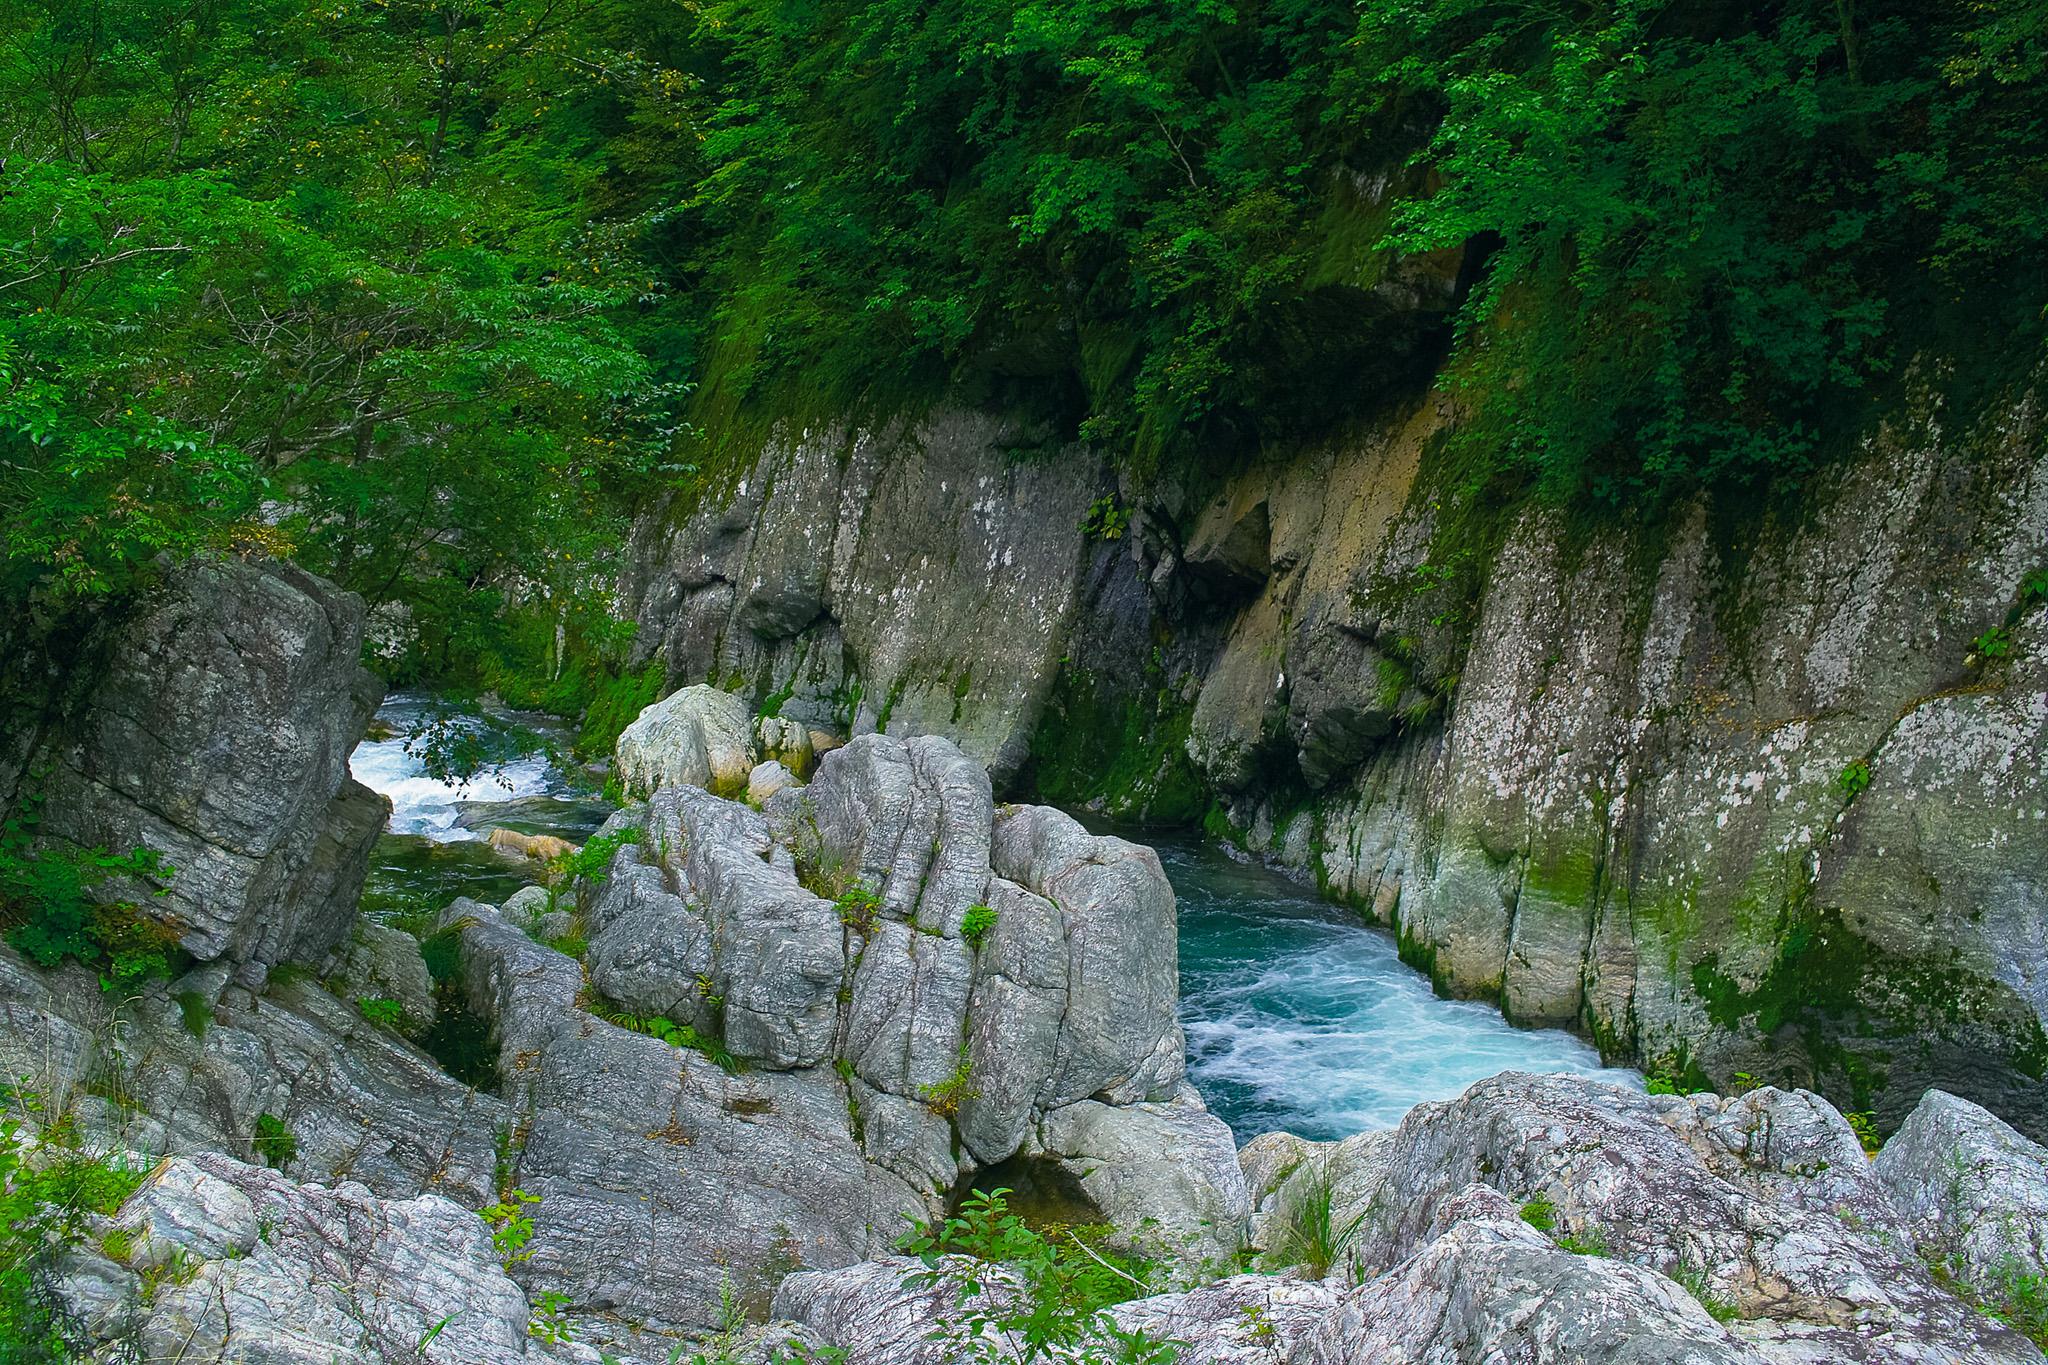 「深い谷を流れる清らかな水」の画像を無料ダウンロード